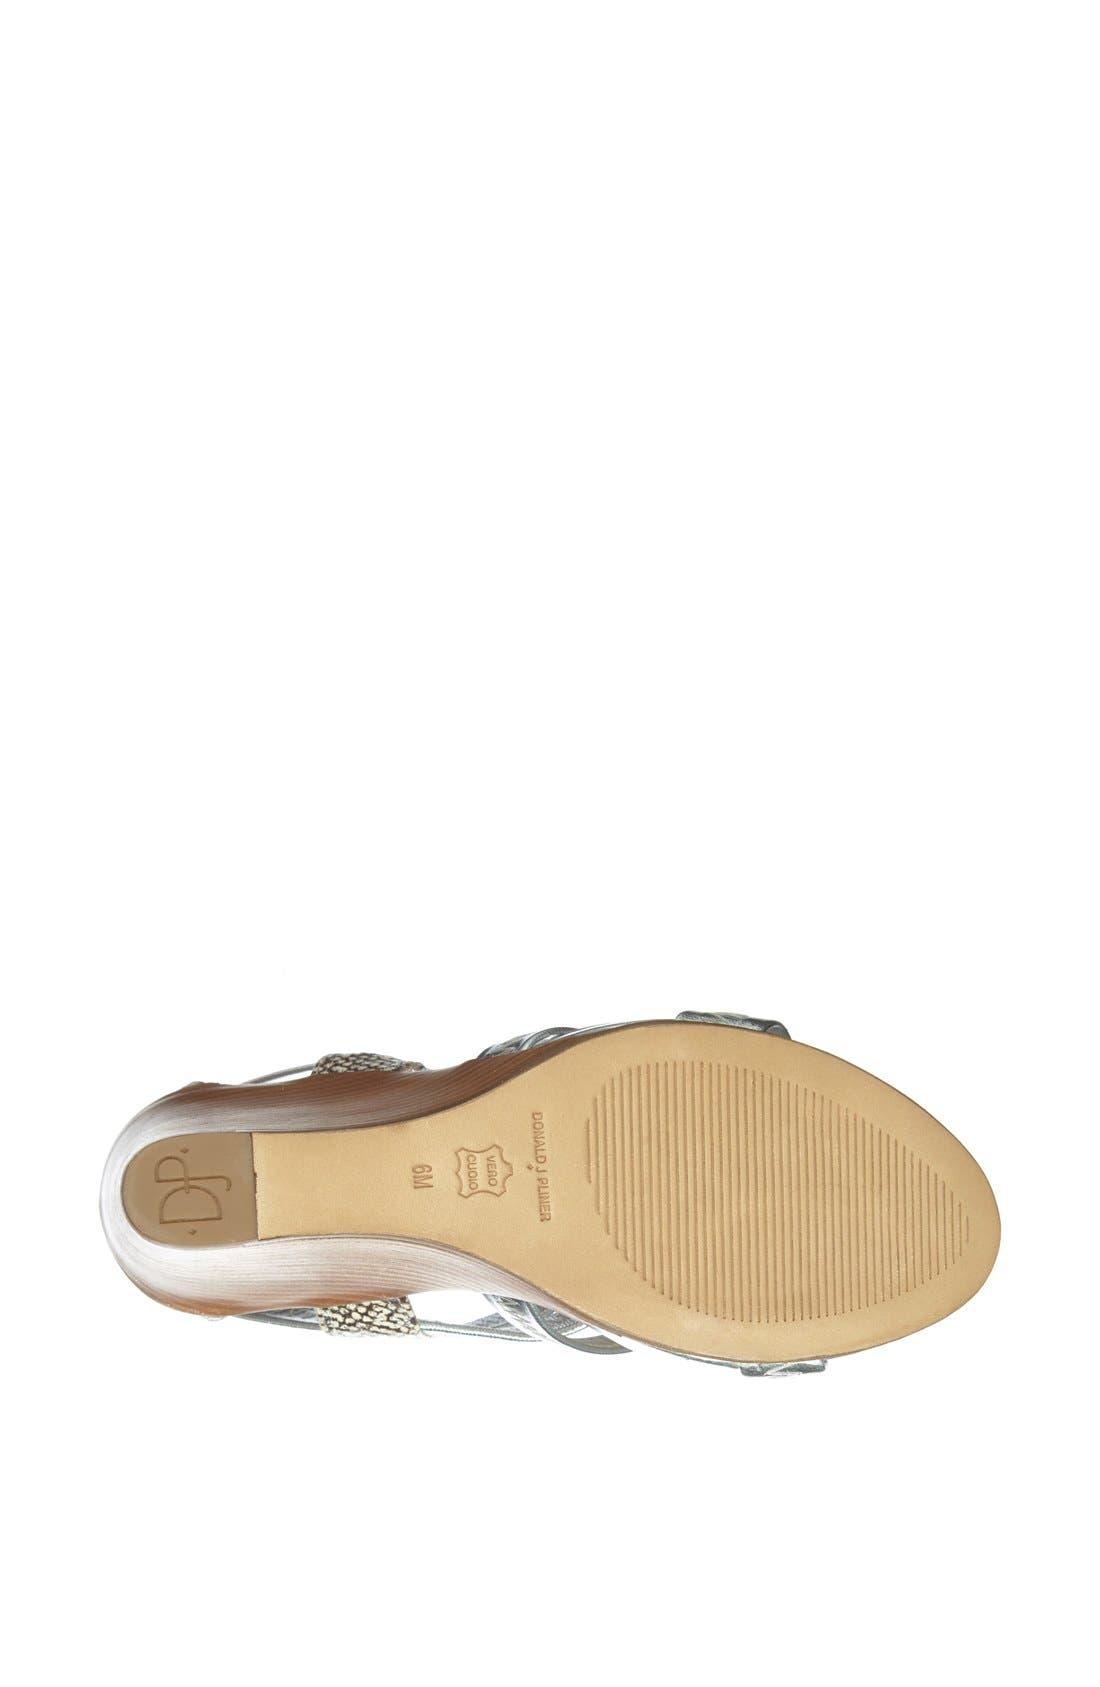 Alternate Image 4  - Donald J Pliner 'Ginge' Wedge Sandal